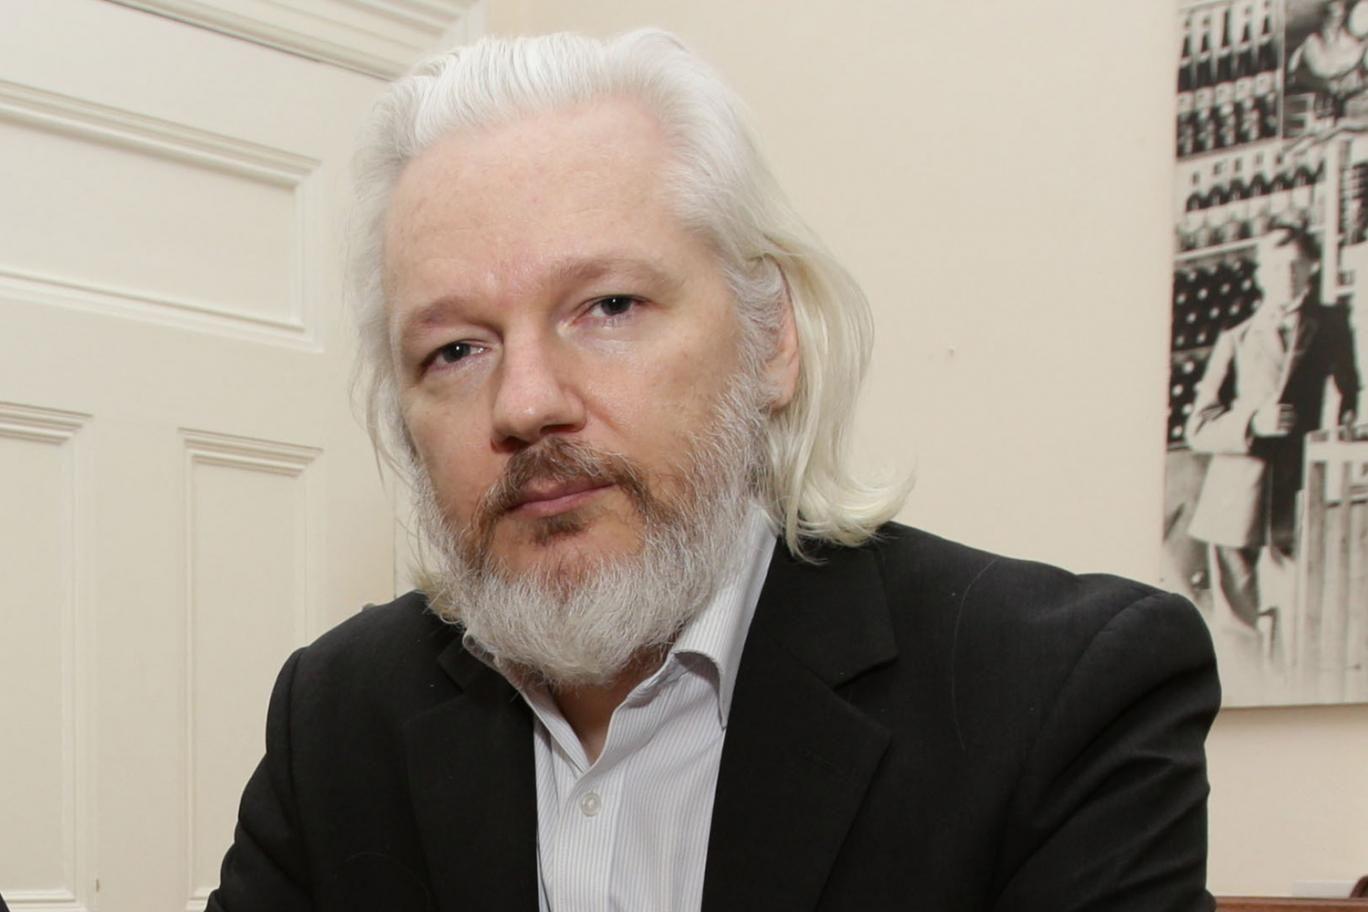 La policía de Reino Unido advirtió que lo detendrá si sale de la embajada